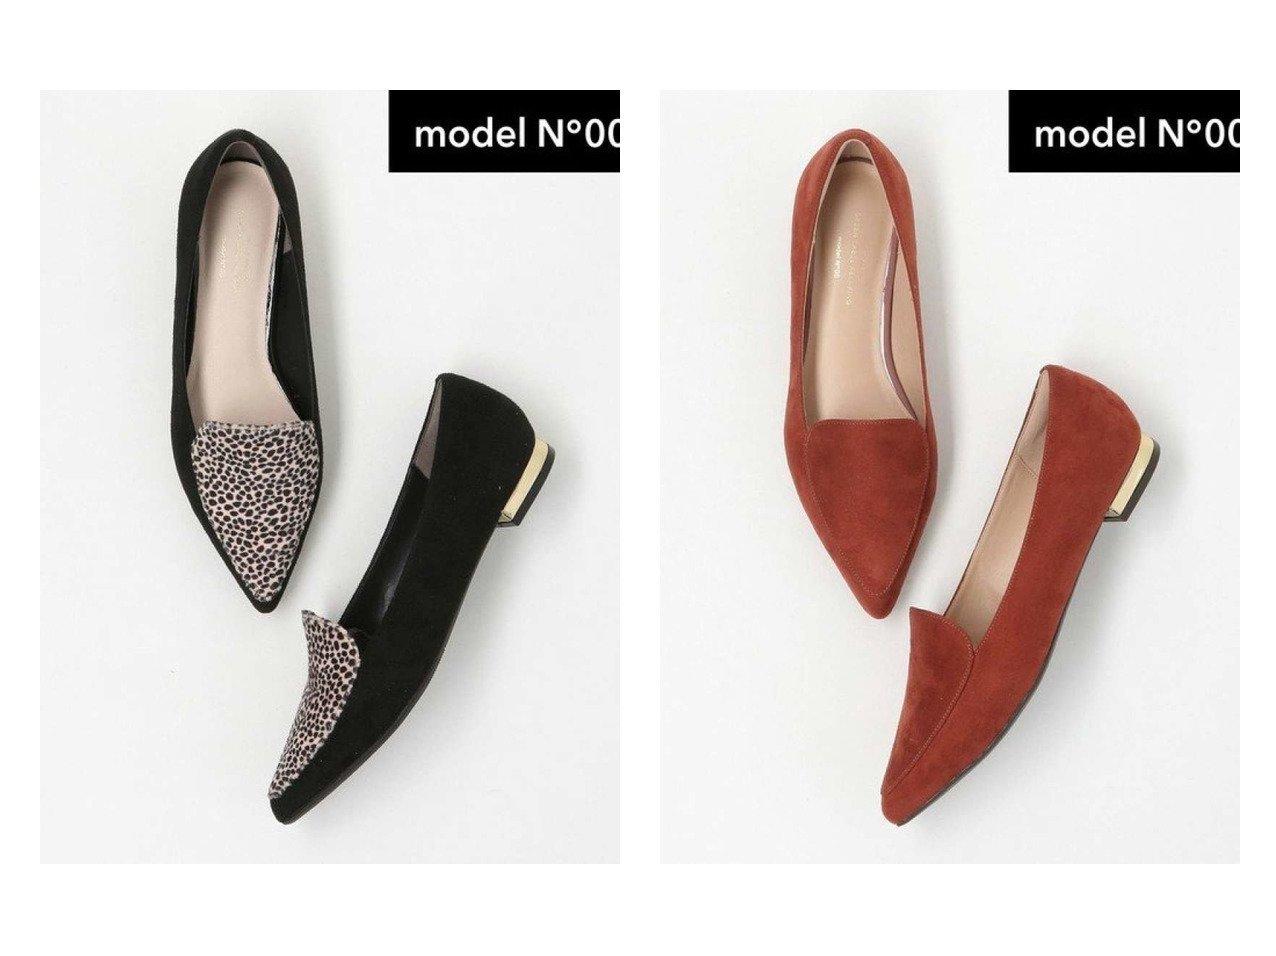 【green label relaxing / UNITED ARROWS/グリーンレーベル リラクシング / ユナイテッドアローズ】のmodel NO.00 FFC ポインテッド モカ フラットパンプス(1.5cmヒール) シューズ・靴のおすすめ!人気、トレンド・レディースファッションの通販 おすすめで人気の流行・トレンド、ファッションの通販商品 メンズファッション・キッズファッション・インテリア・家具・レディースファッション・服の通販 founy(ファニー) https://founy.com/ ファッション Fashion レディースファッション WOMEN クッション シューズ ヒョウ フォルム フラット ベーシック ポインテッド A/W 秋冬 AW Autumn/Winter / FW Fall-Winter |ID:crp329100000012958